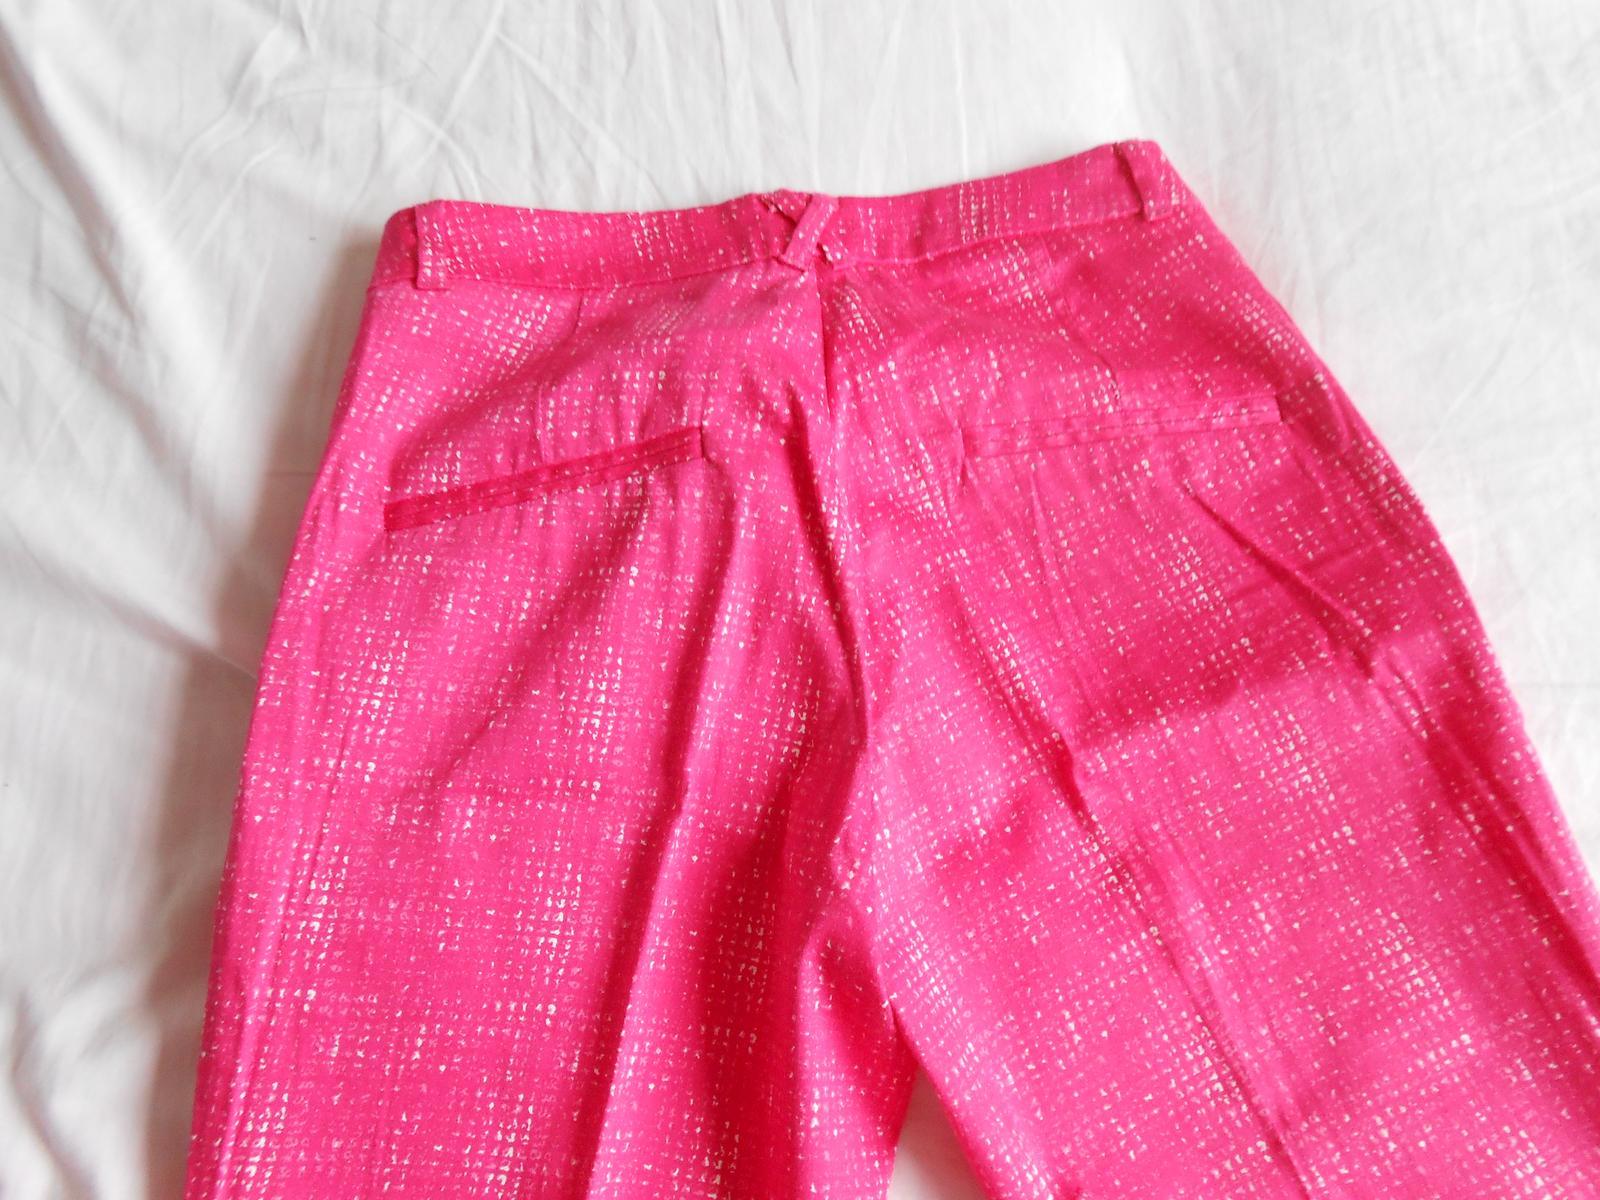 Ružové 7/8-nové striekané nohavice zn. H&M - Obrázok č. 4